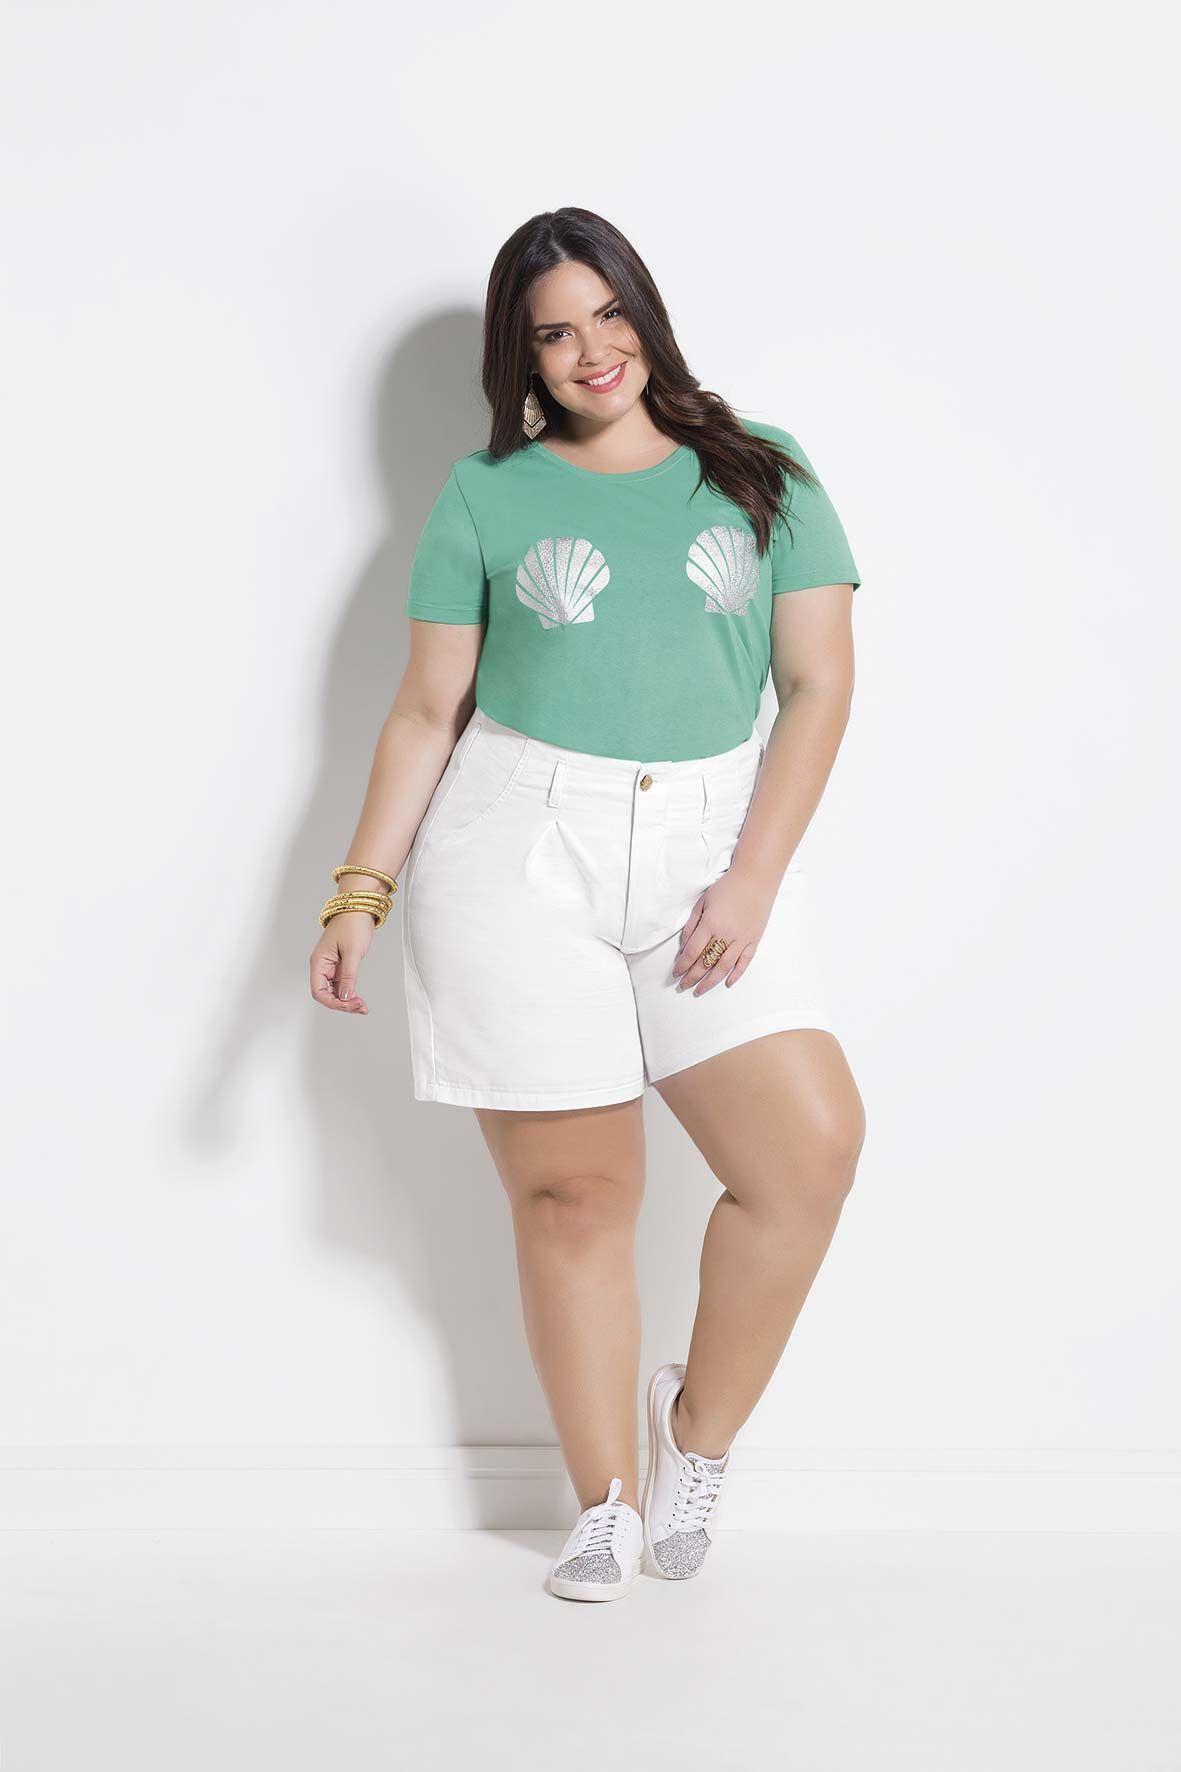 e8a0a78d8a T-Shirt Turquesa Estampa Plus Size Marguerite | gg | Shirts, Plus ...